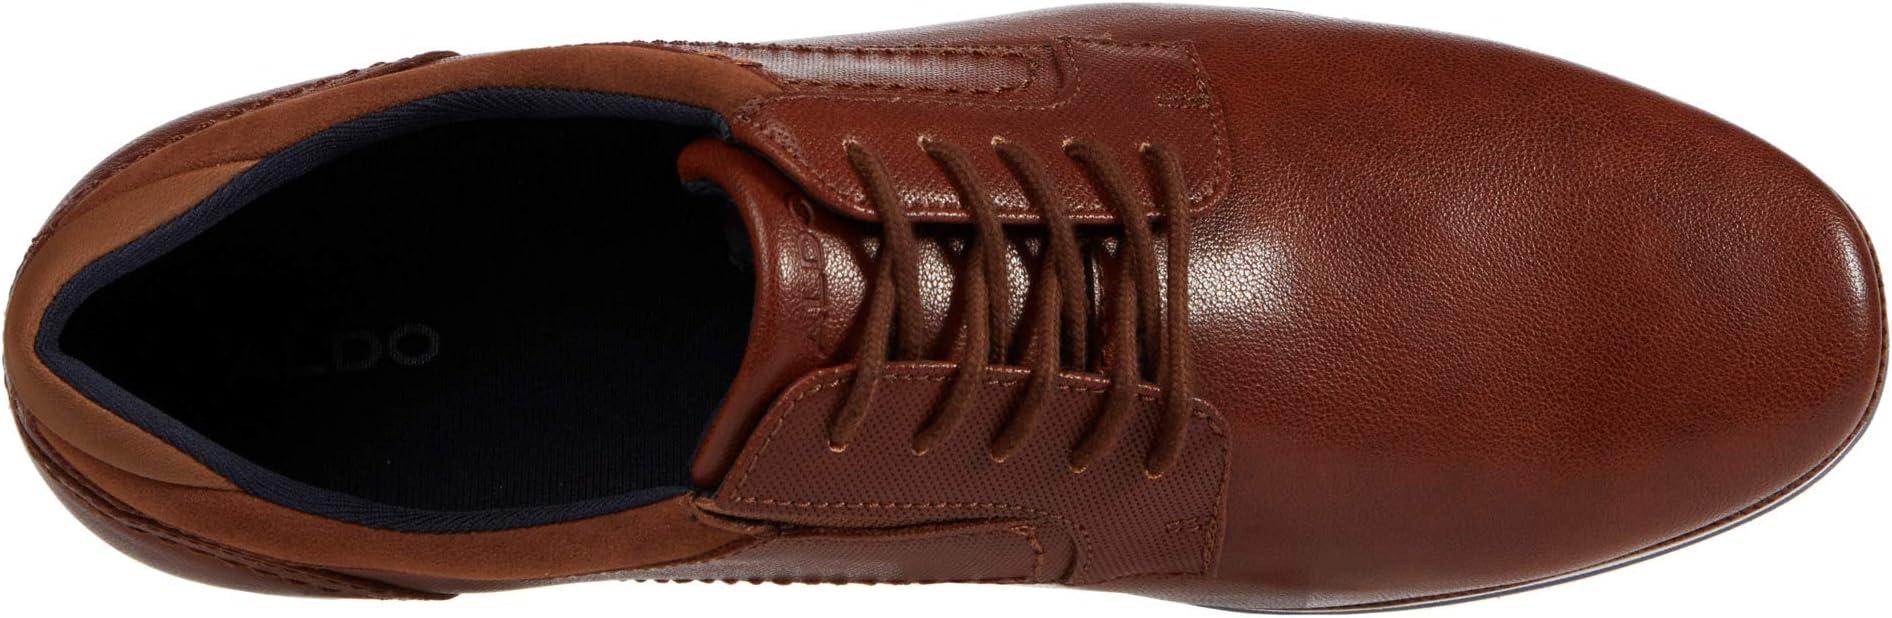 ALDO Phylurus | Men's shoes | 2020 Newest